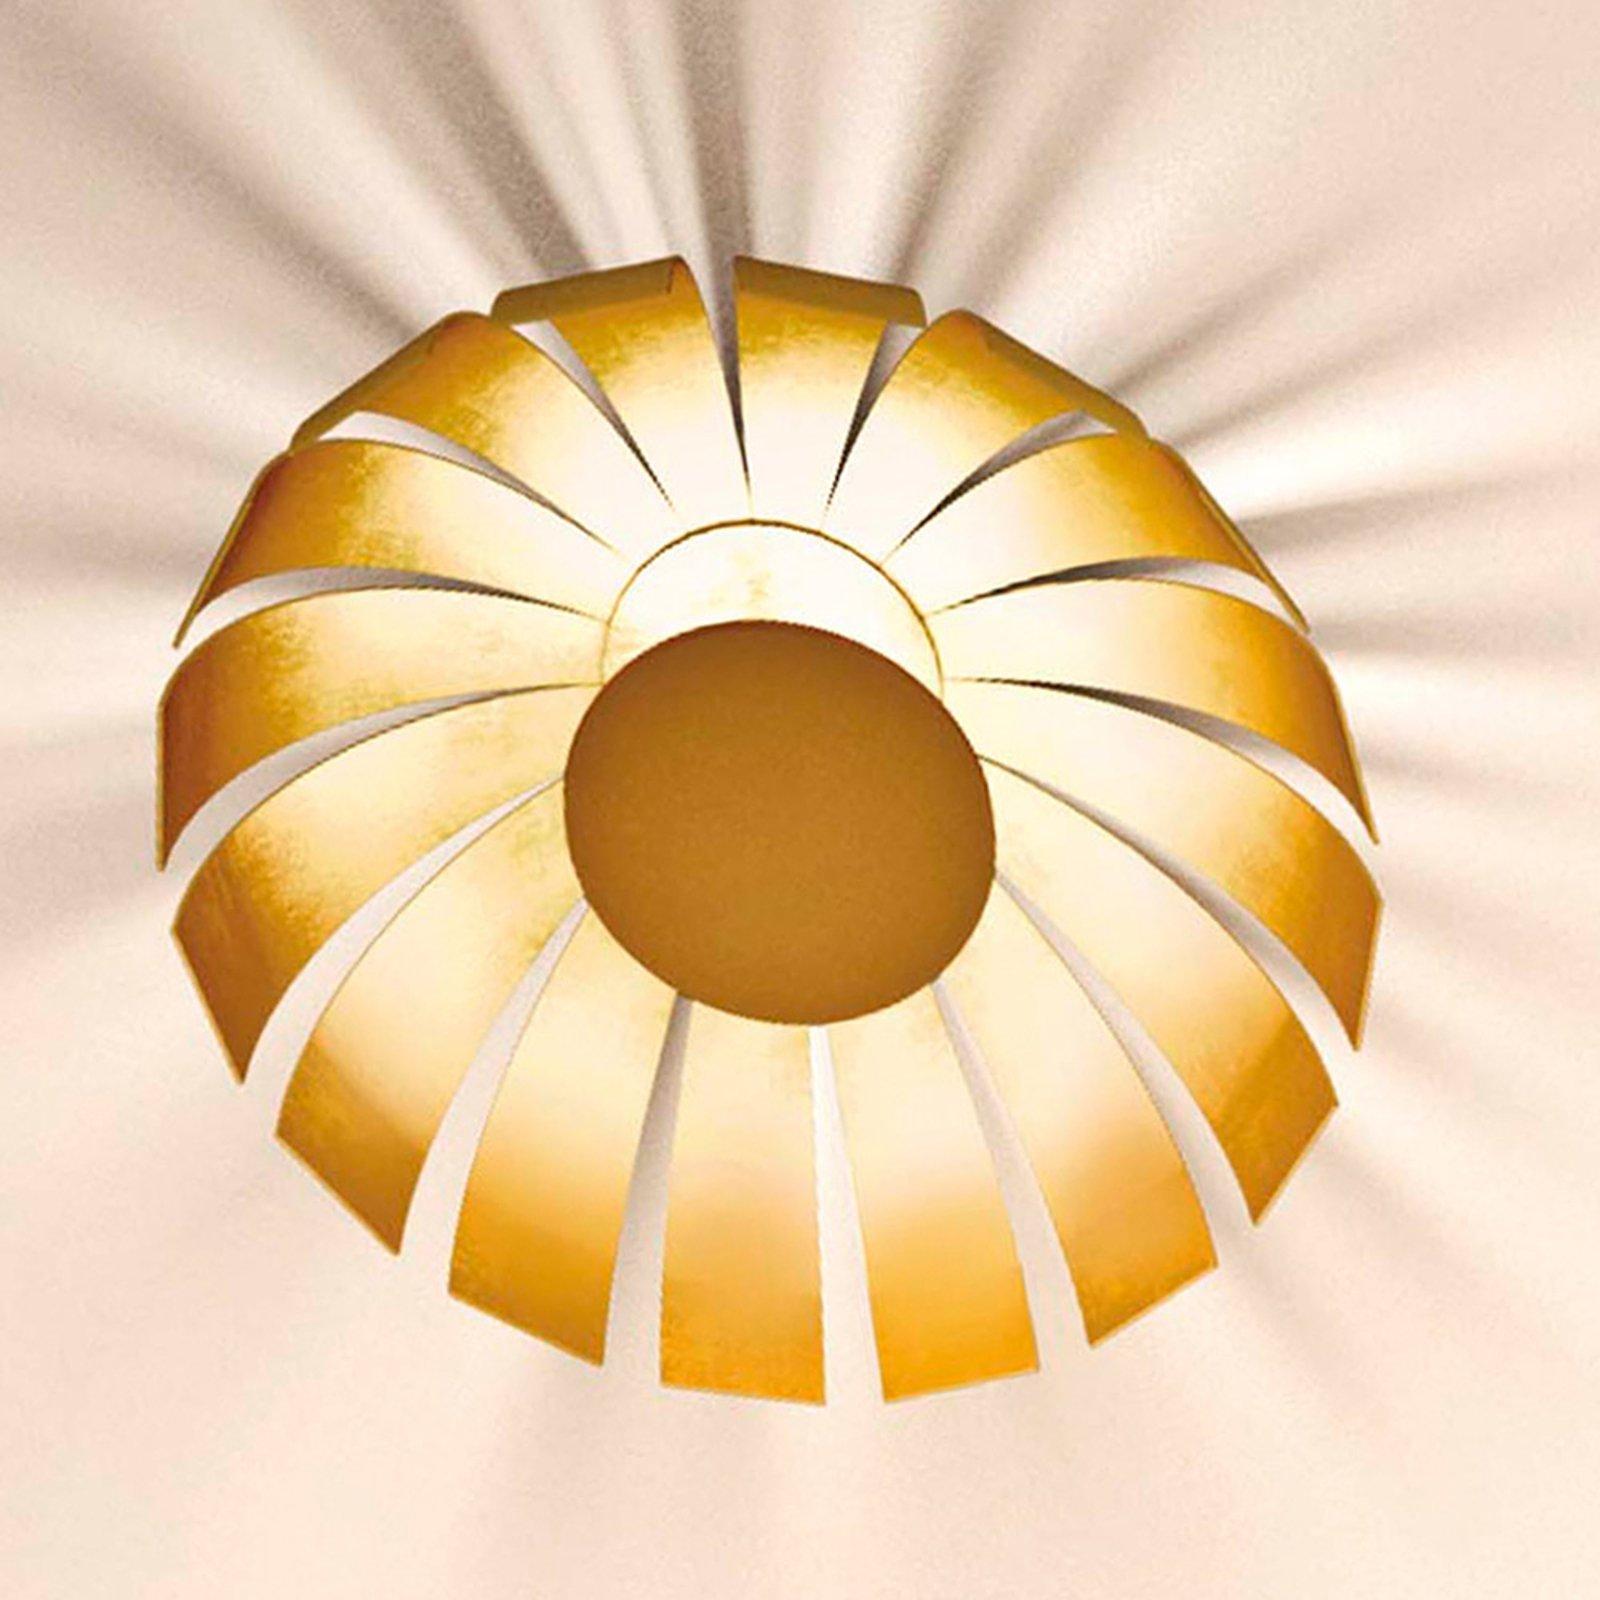 Loto forgylt LED-designer-taklampe, 33 cm